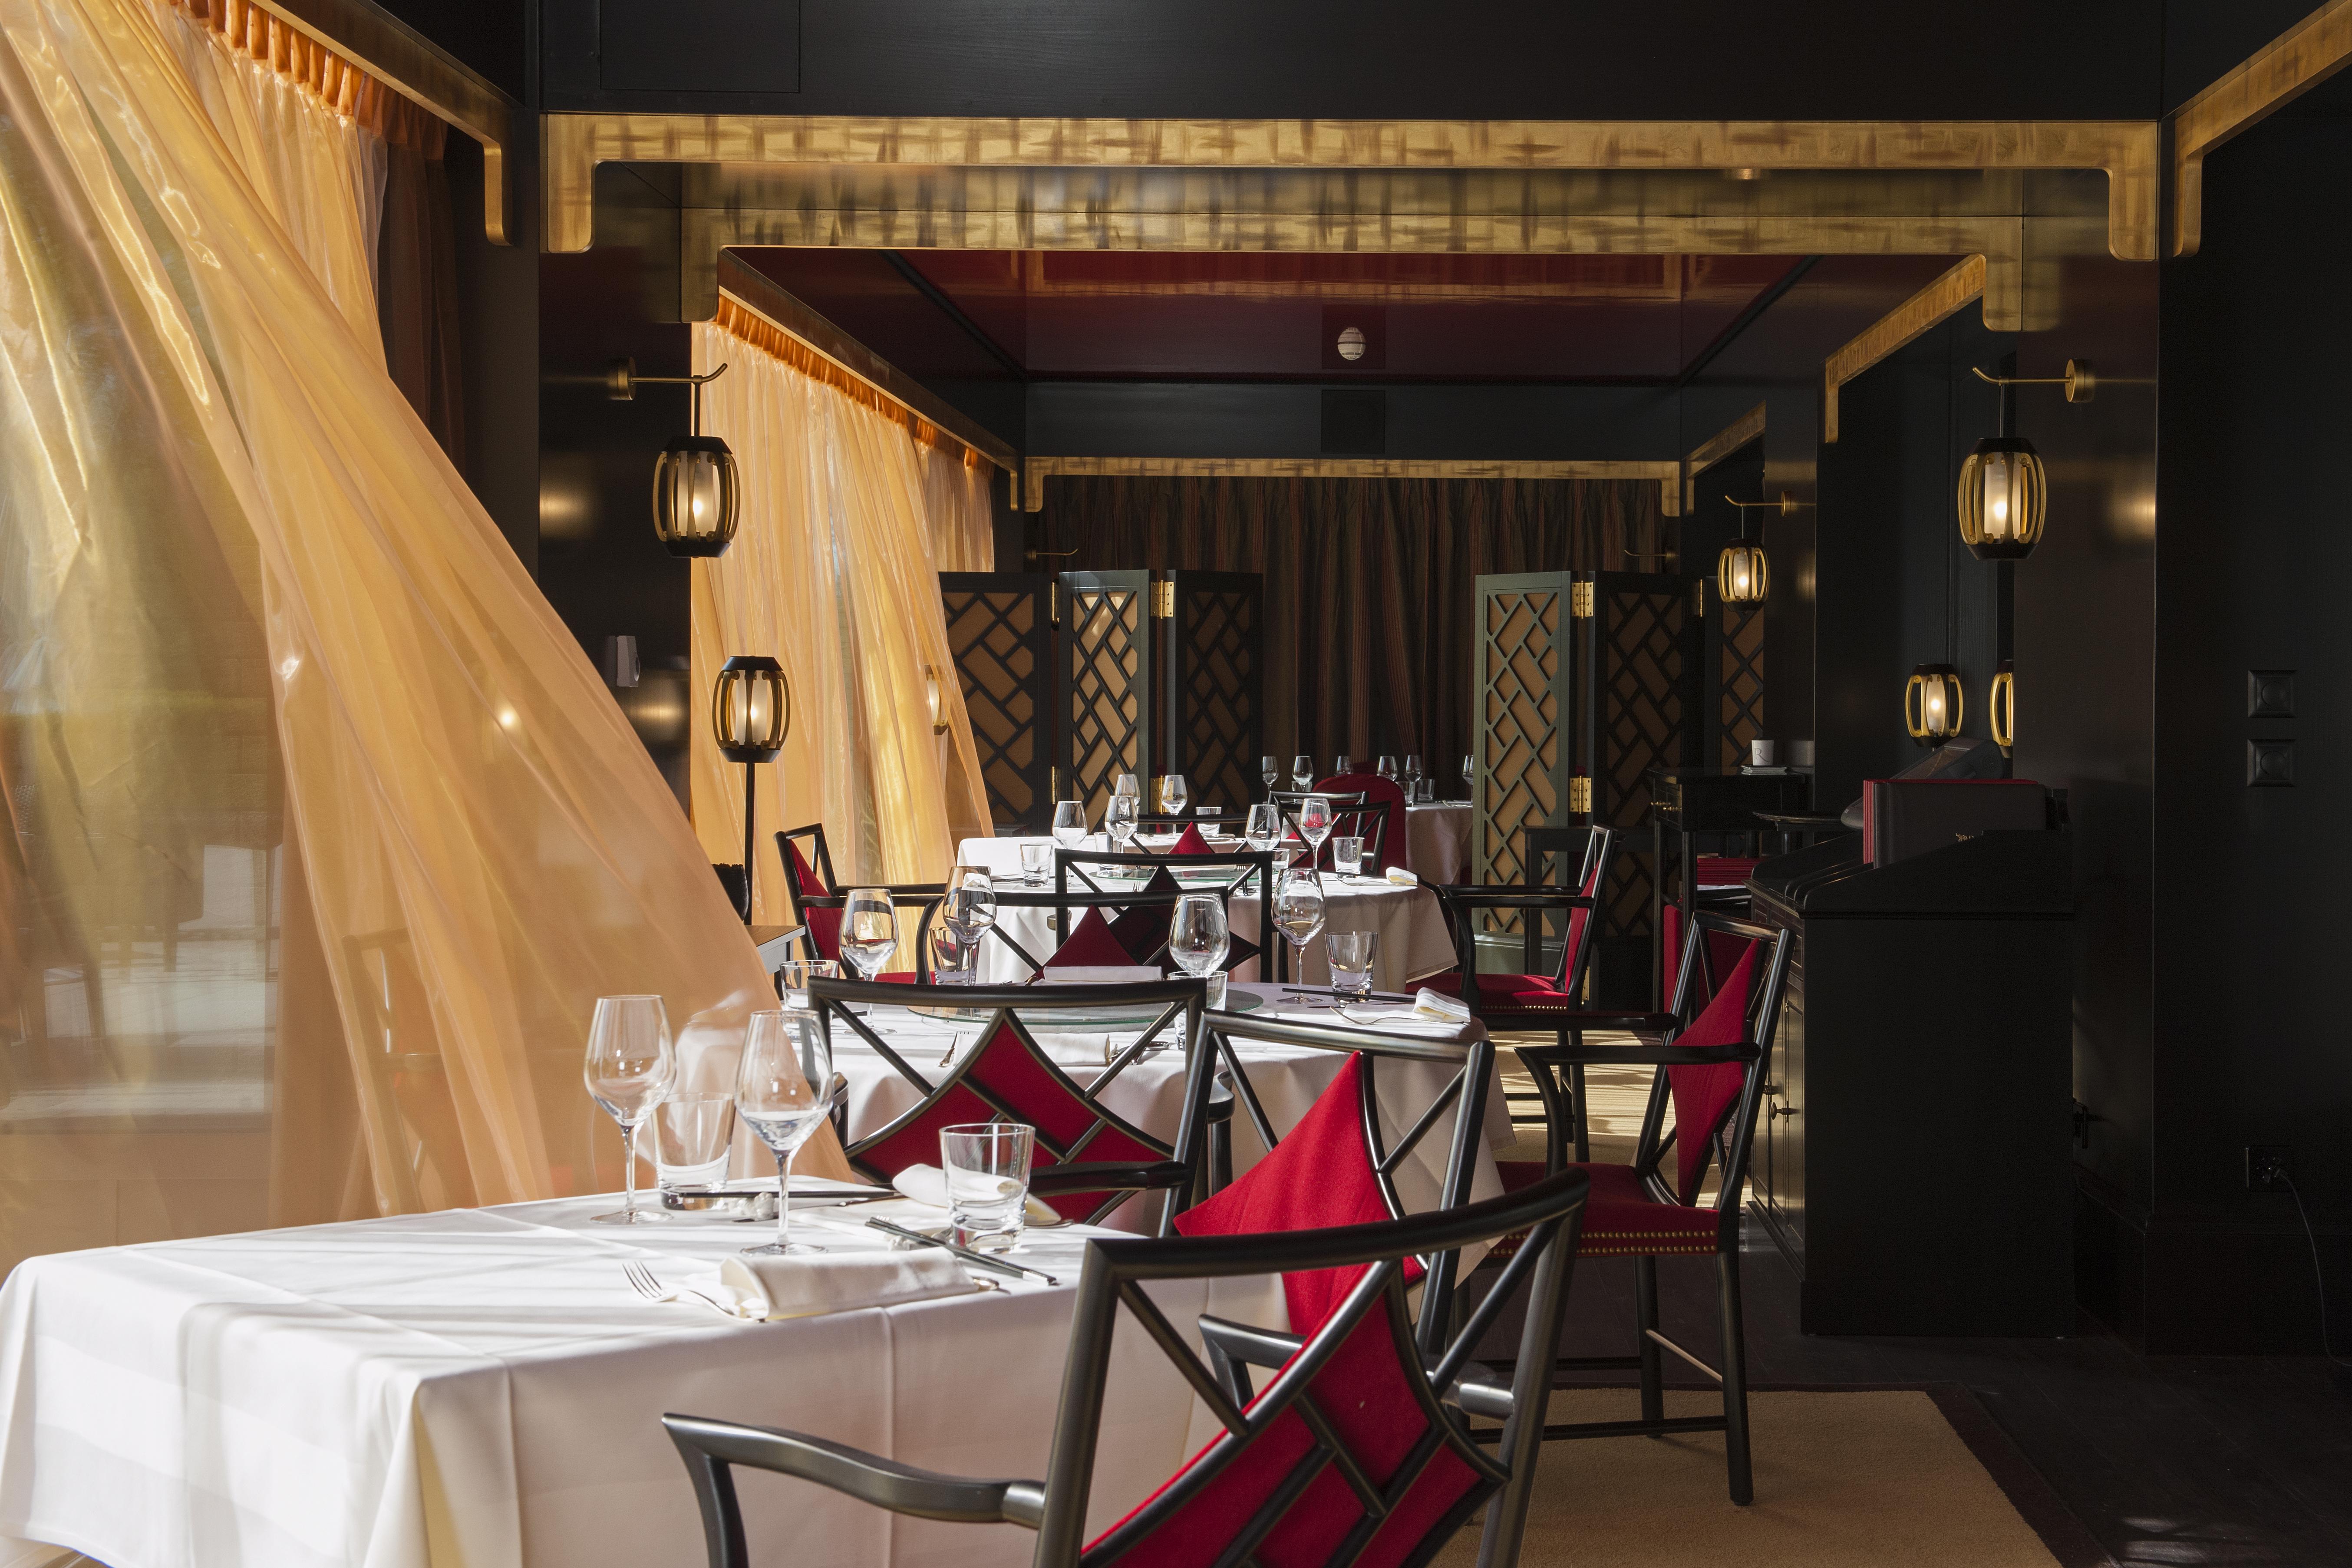 Tse-Fung-Restaurant-veranda-lustforthesublime